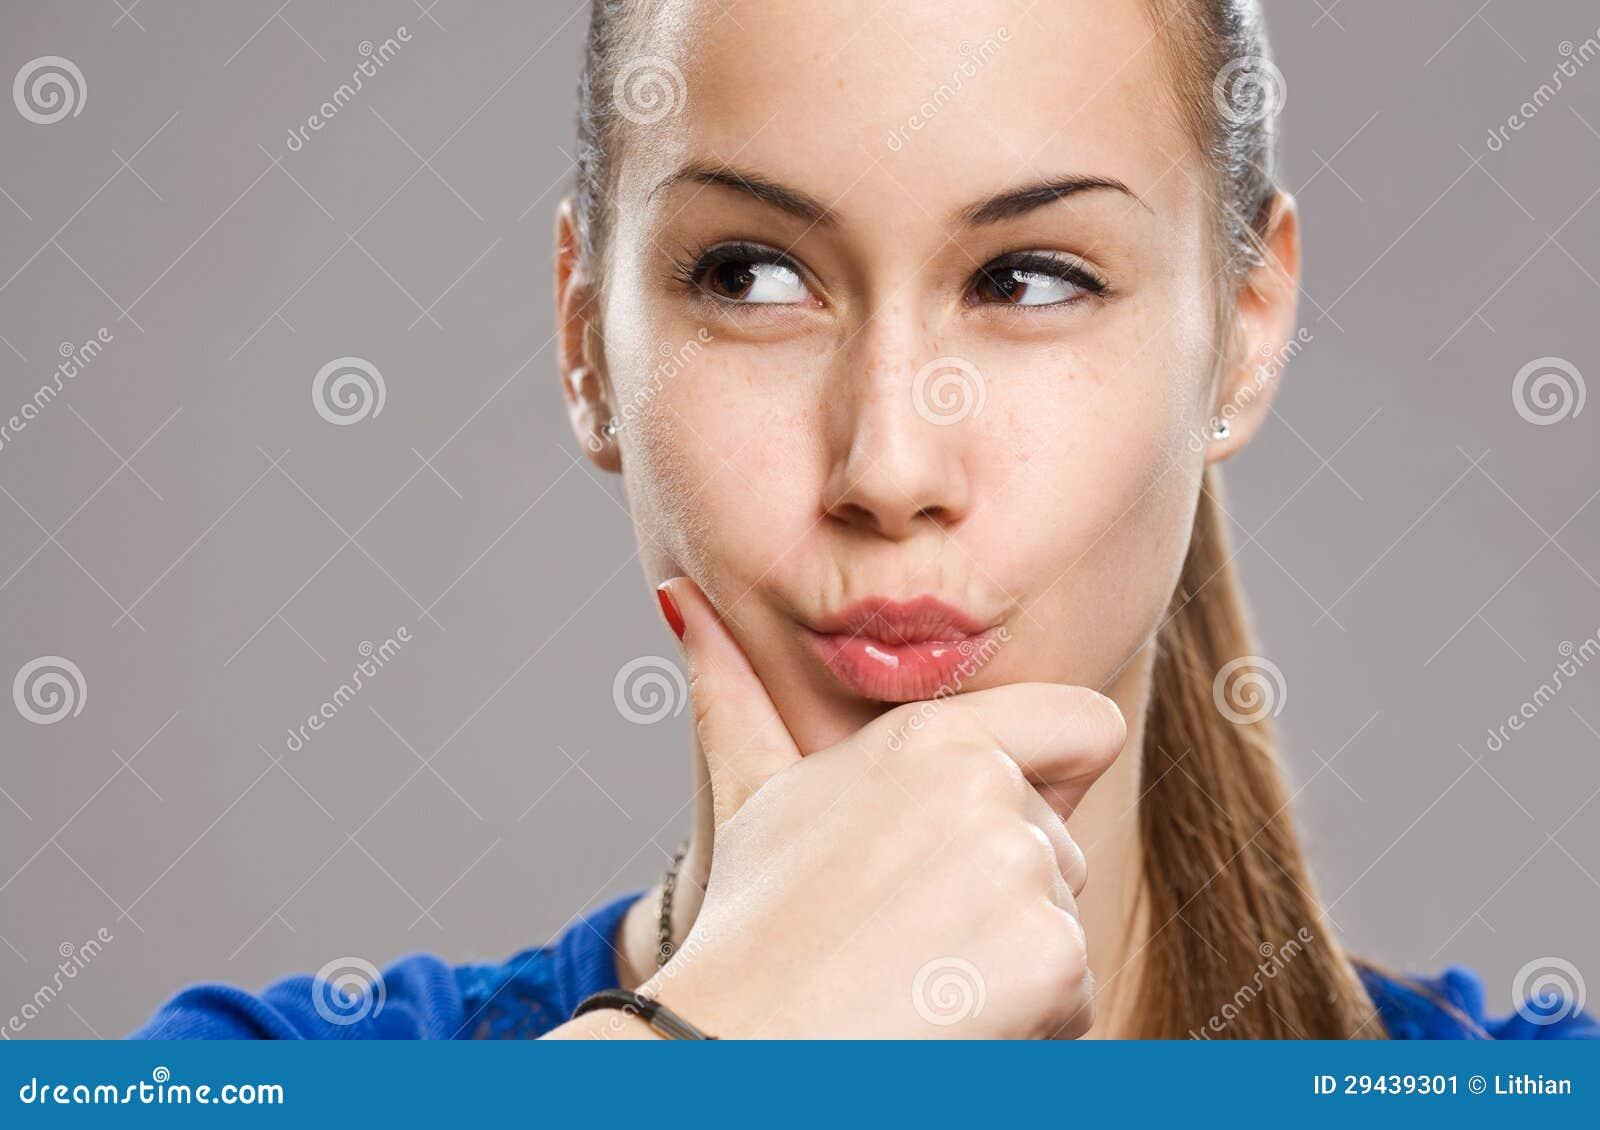 Cool Teen Girl Stock Image Image 29439301